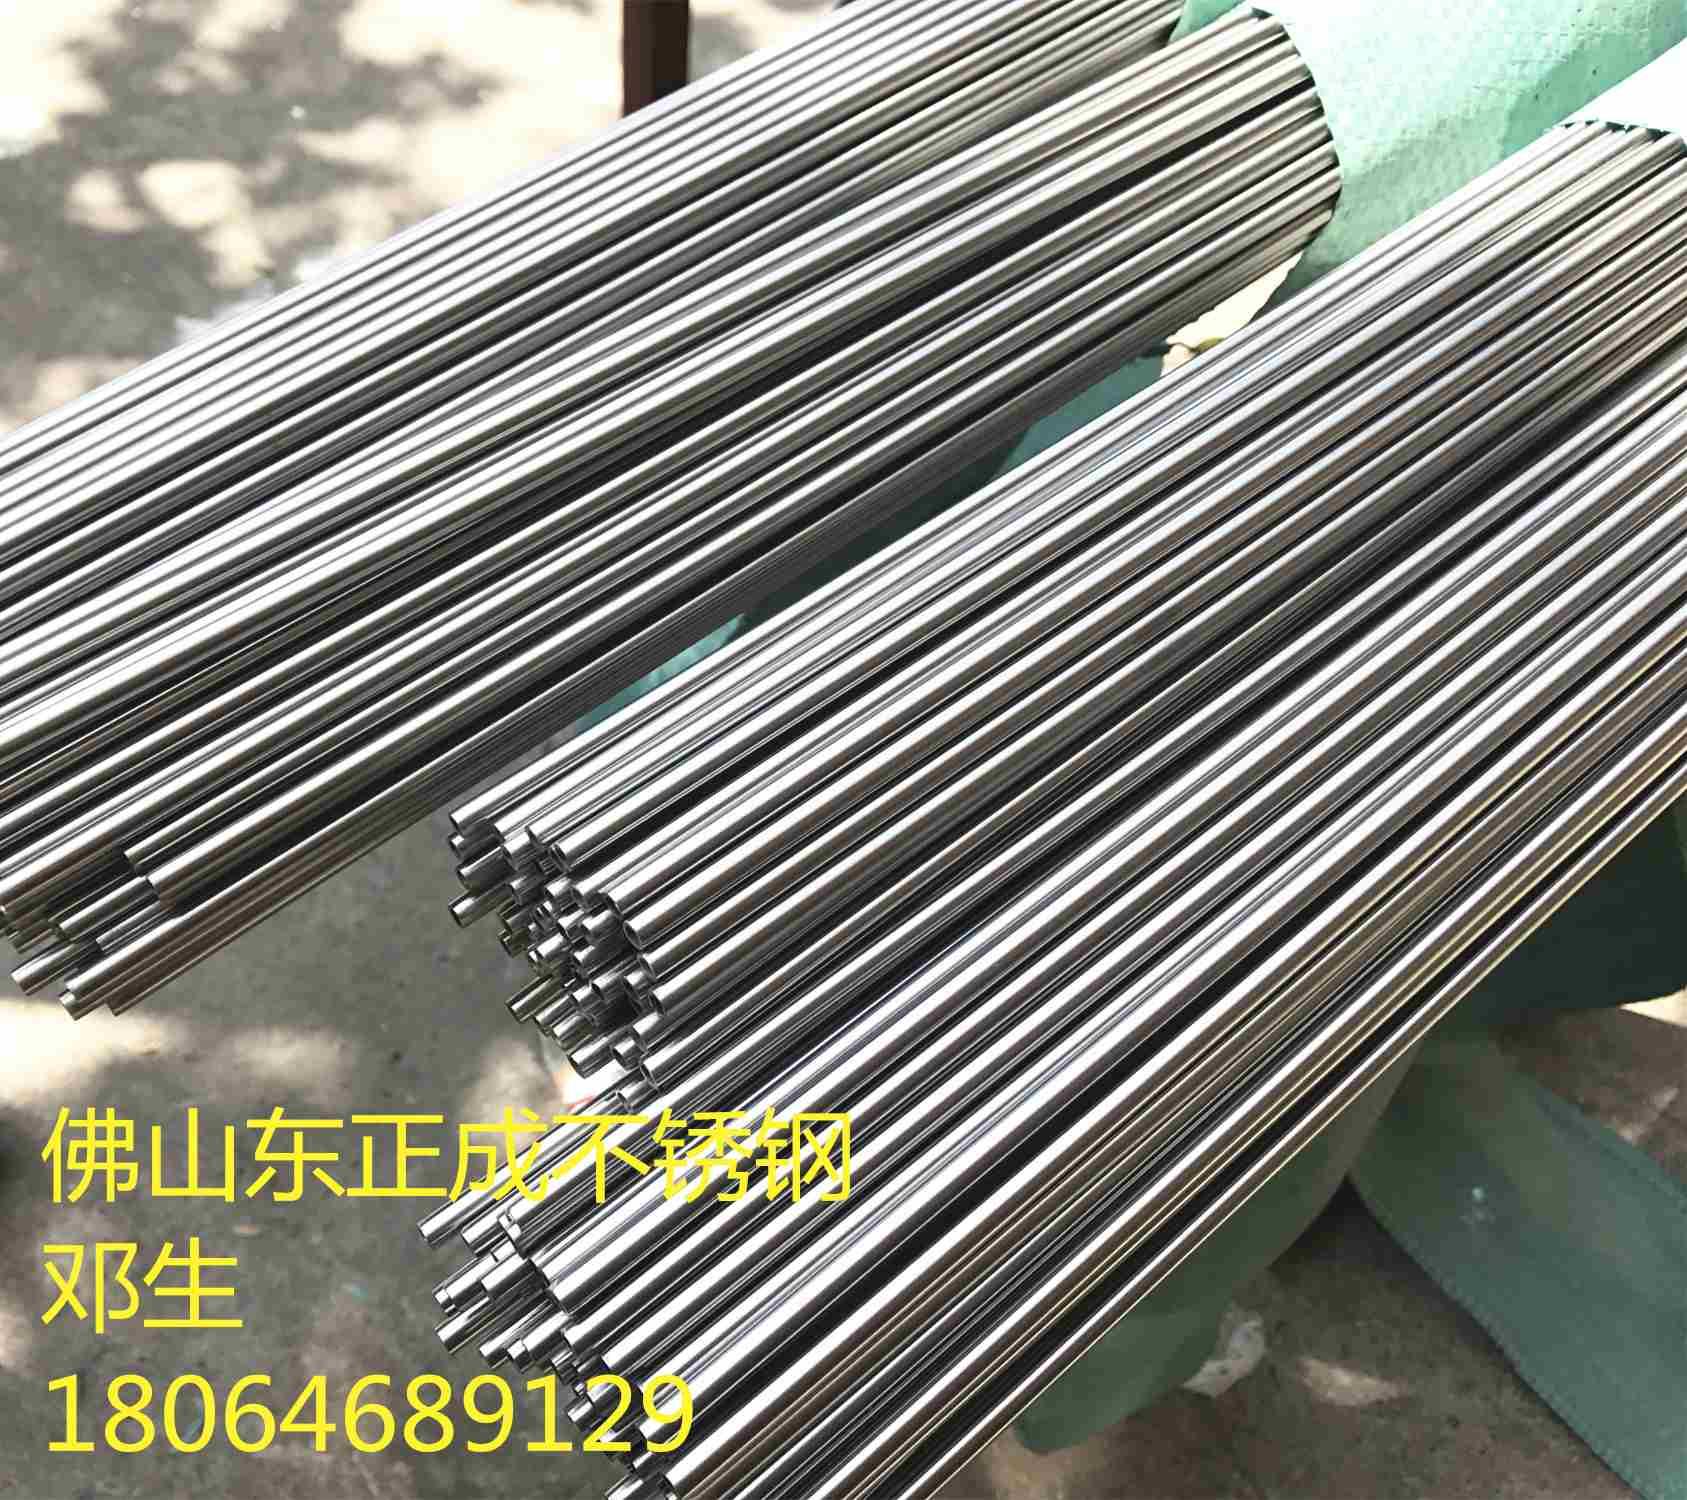 中山不锈钢小管厂家报价,304不锈钢精密管规格齐全